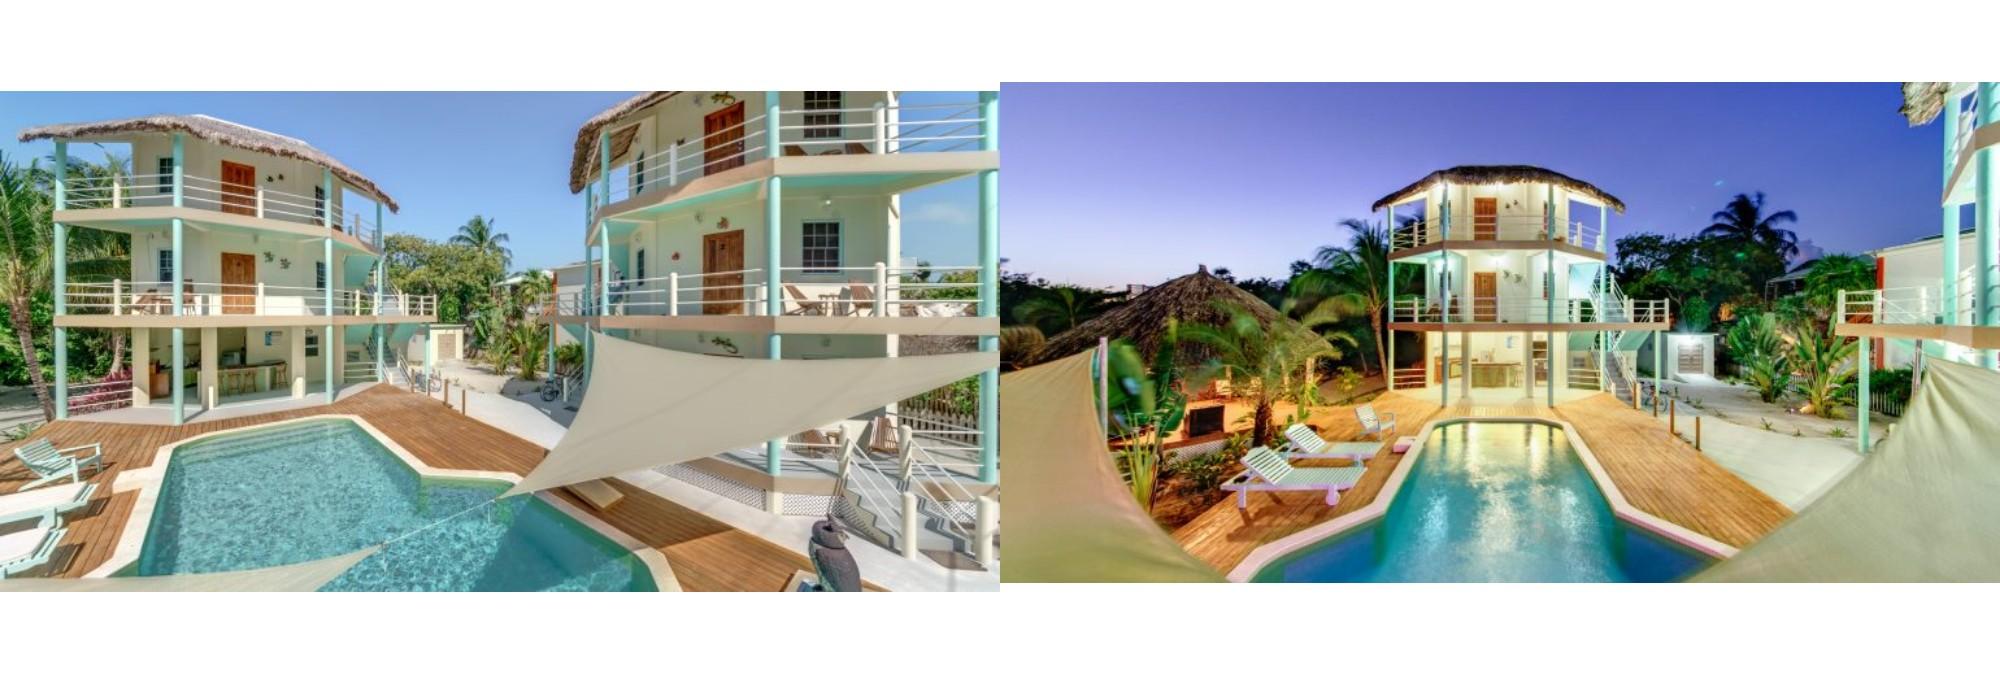 Caye Caulker Boutique Hotel for Sale in Belize